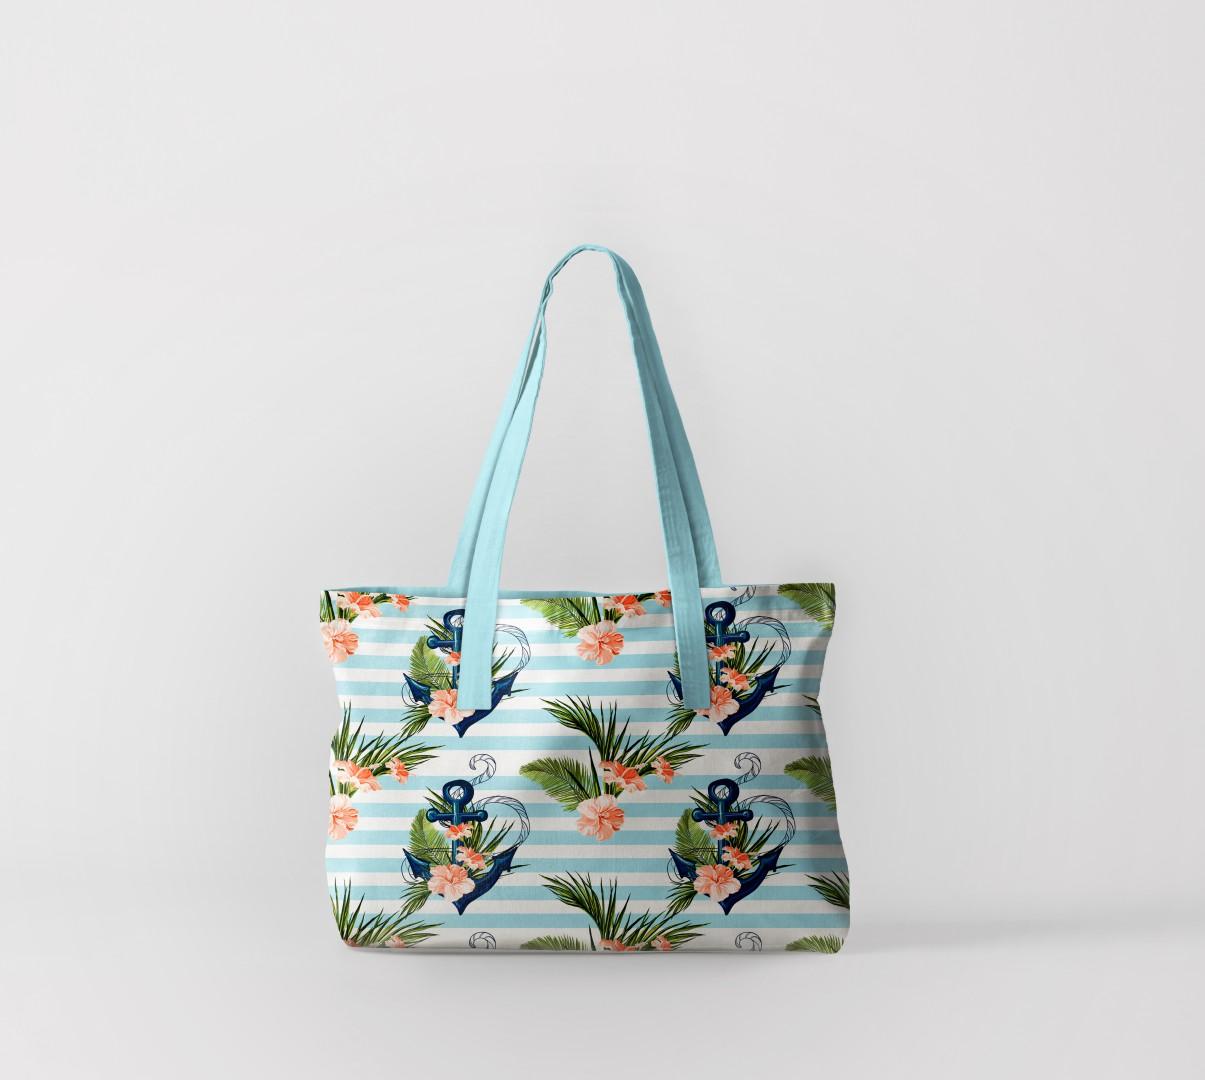 Пляжная сумка Якоря с цветами (50х40 см) Олимп Текстиль oli732614